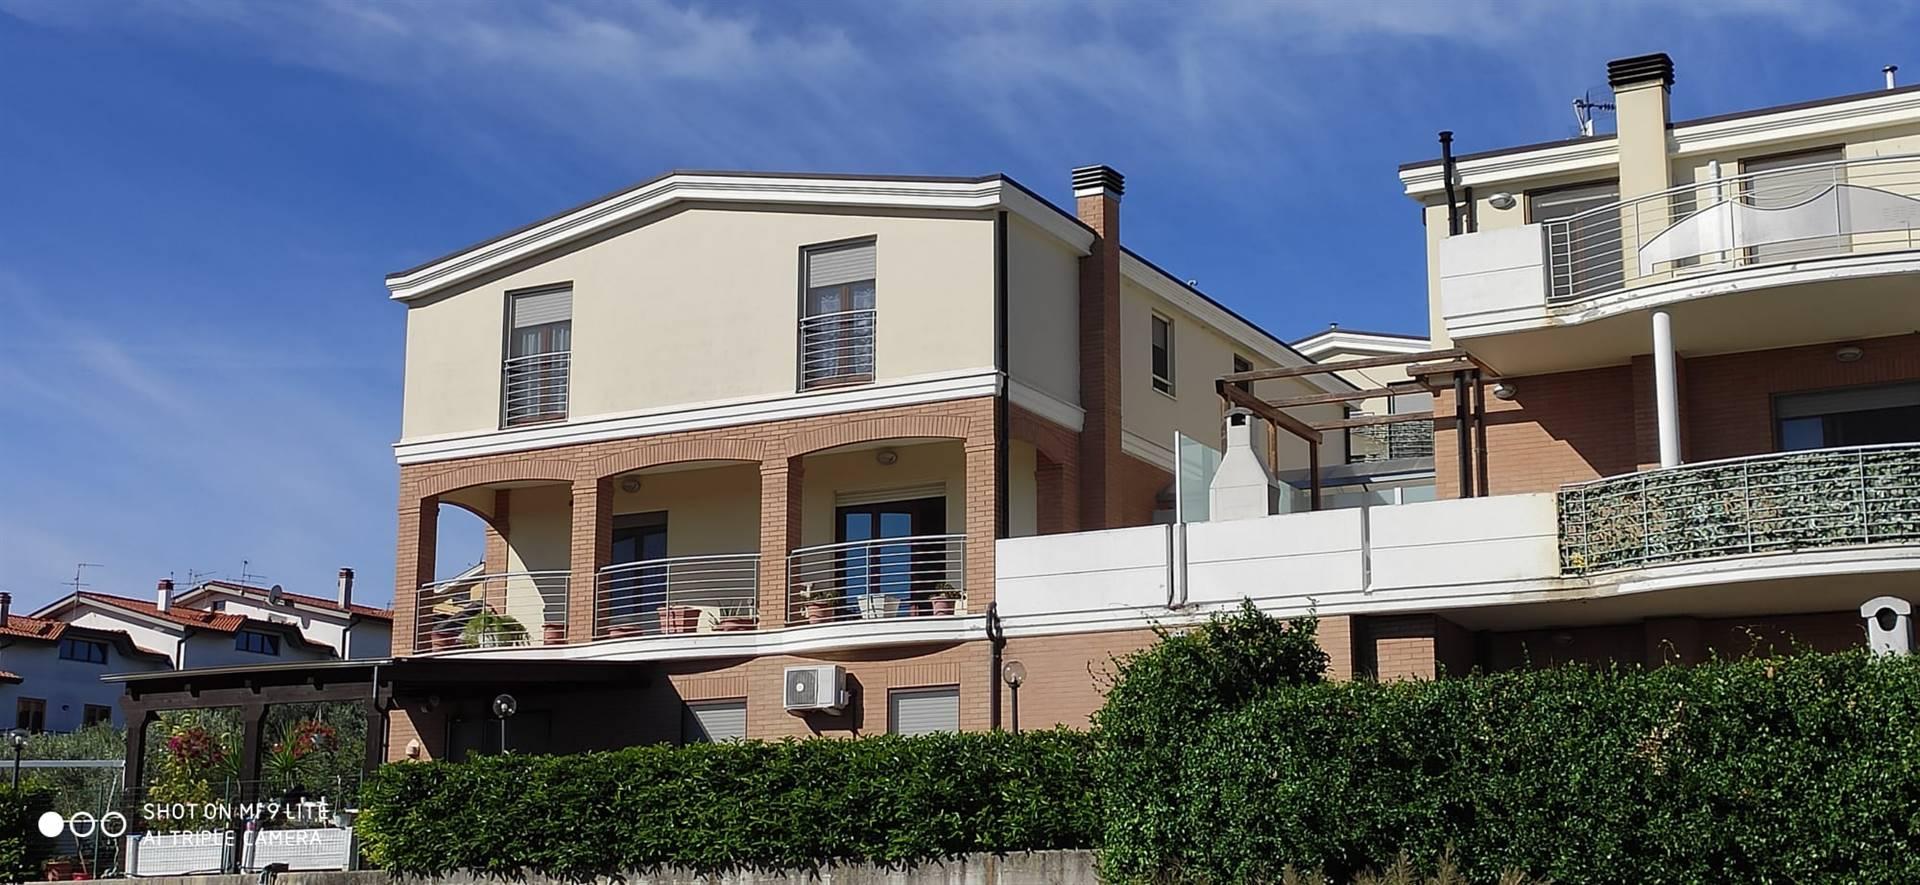 Appartamento in vendita a Ortona, 5 locali, zona Località: SANTA LUCIA, prezzo € 153.000 | PortaleAgenzieImmobiliari.it